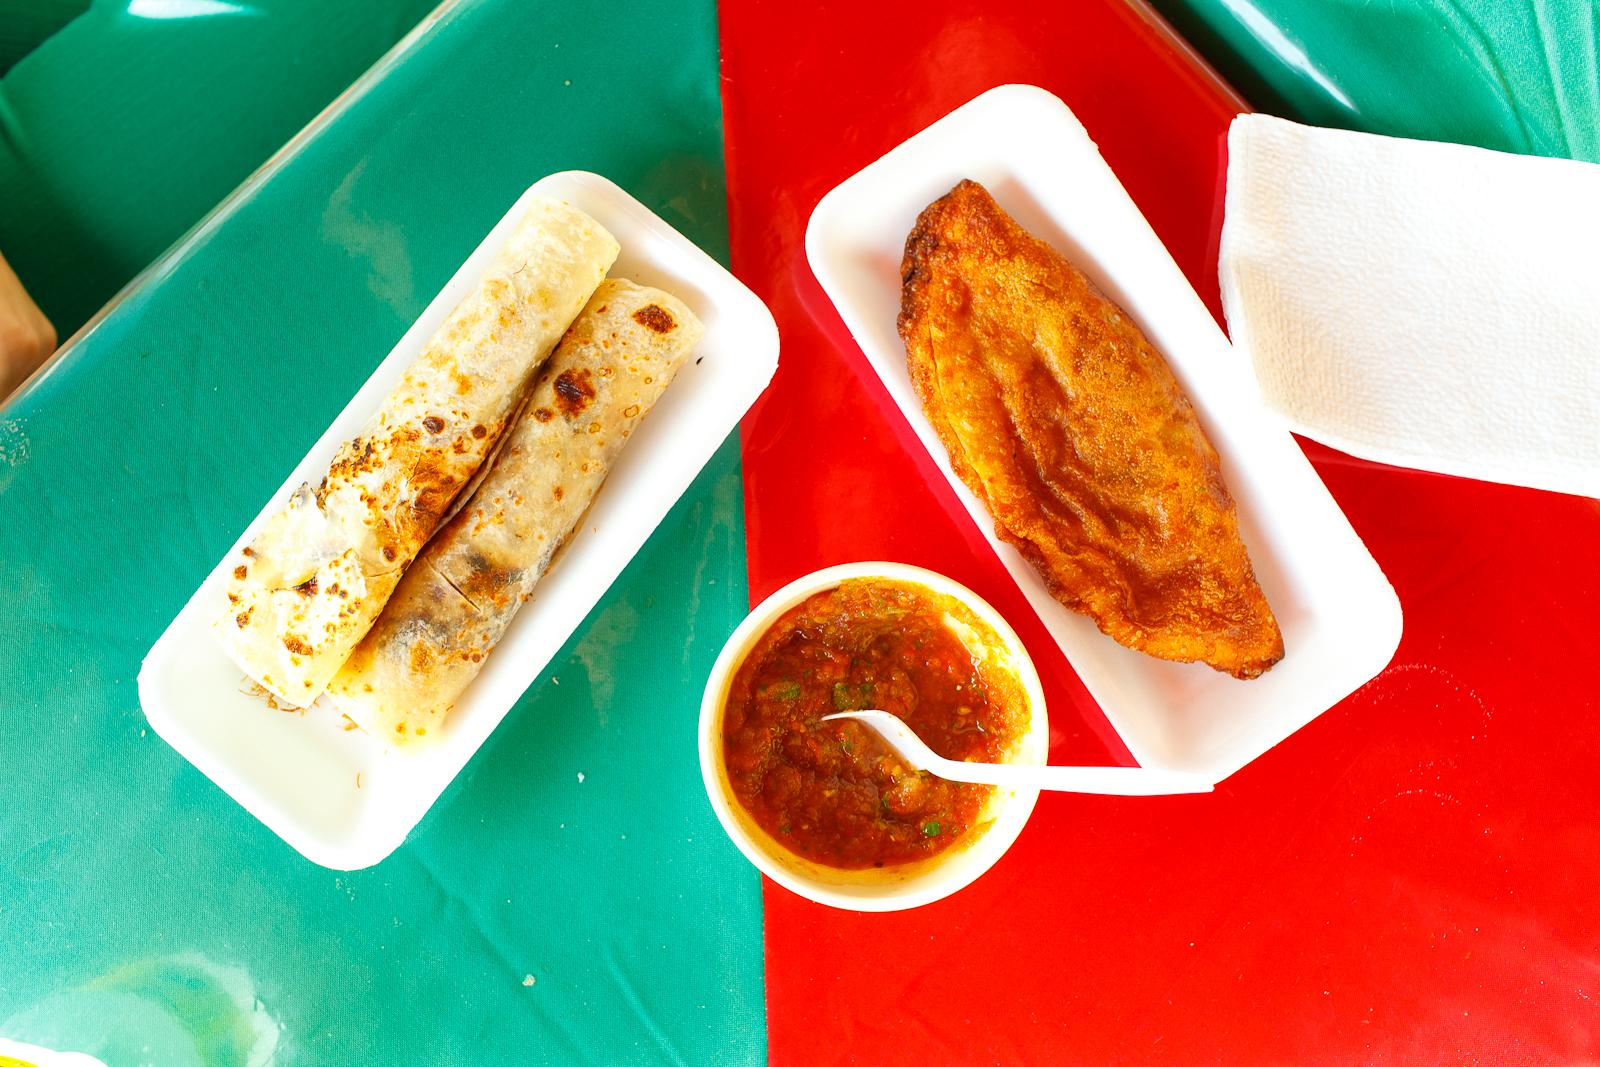 Burrito de machaca y empanada de carne deshebrada